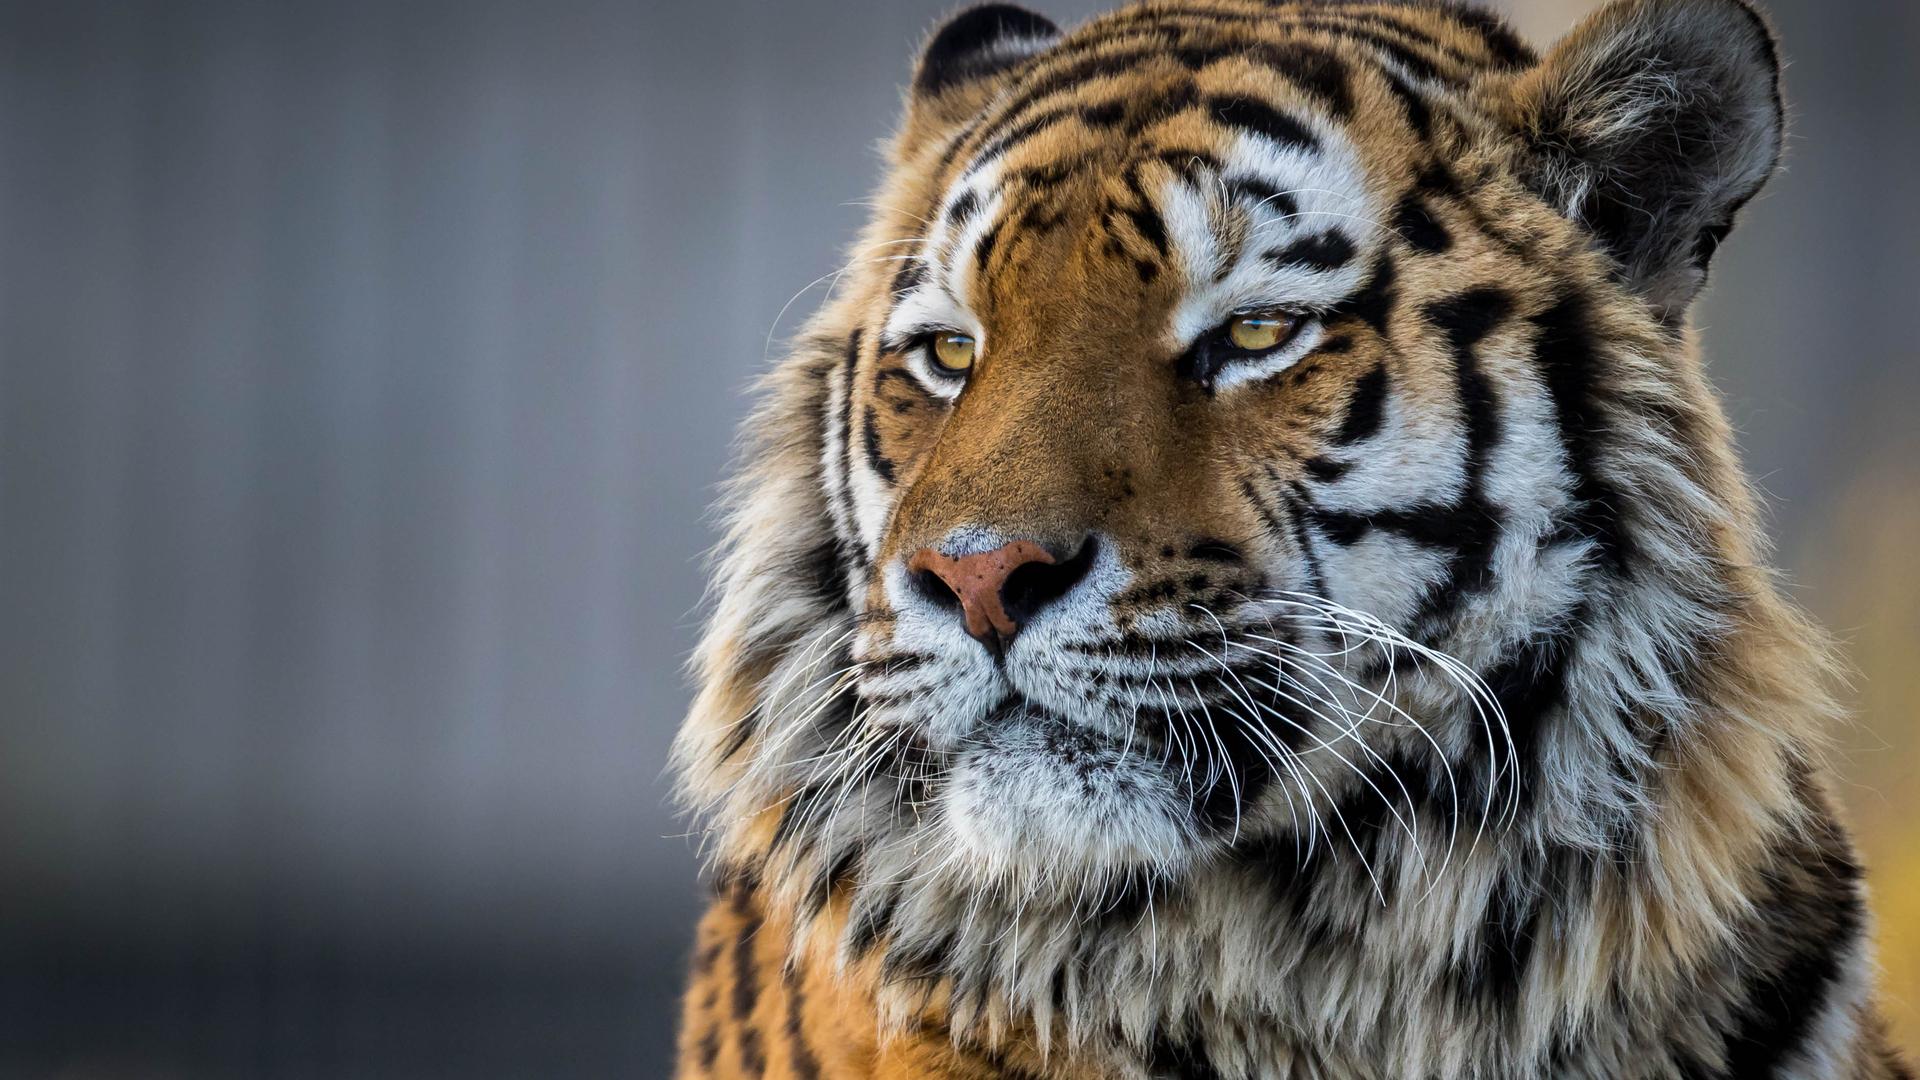 tiger-closeup-4k-v7.jpg